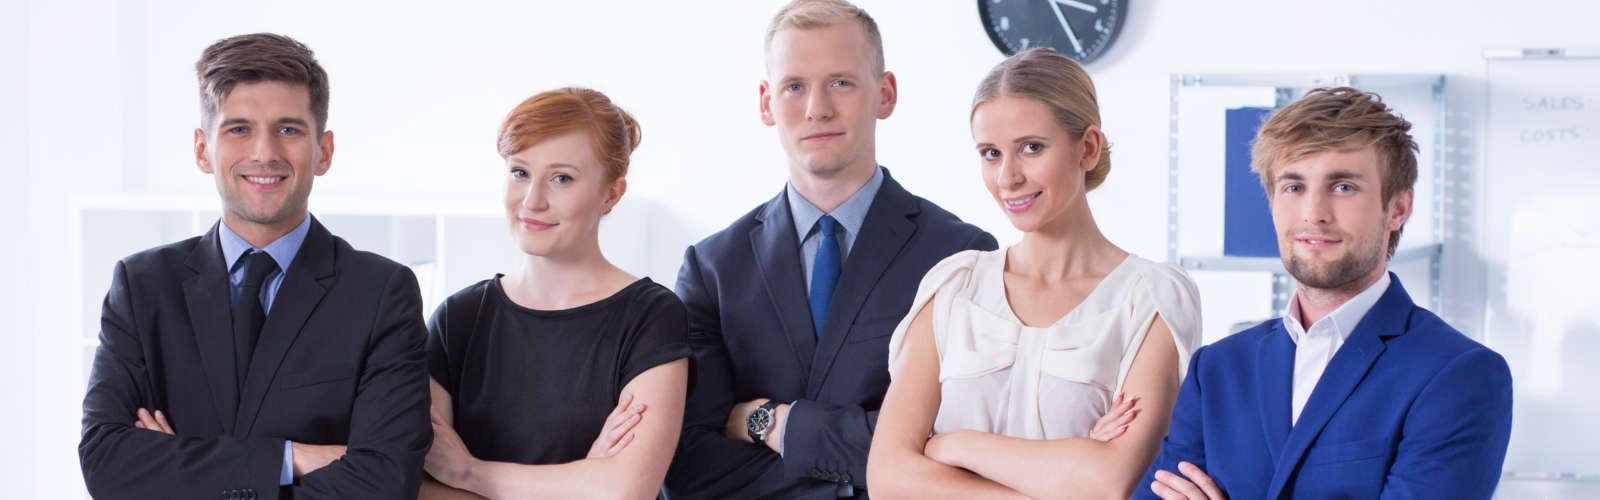 S&B - Ihre Personalvermittlung für neue Mitarbeiter